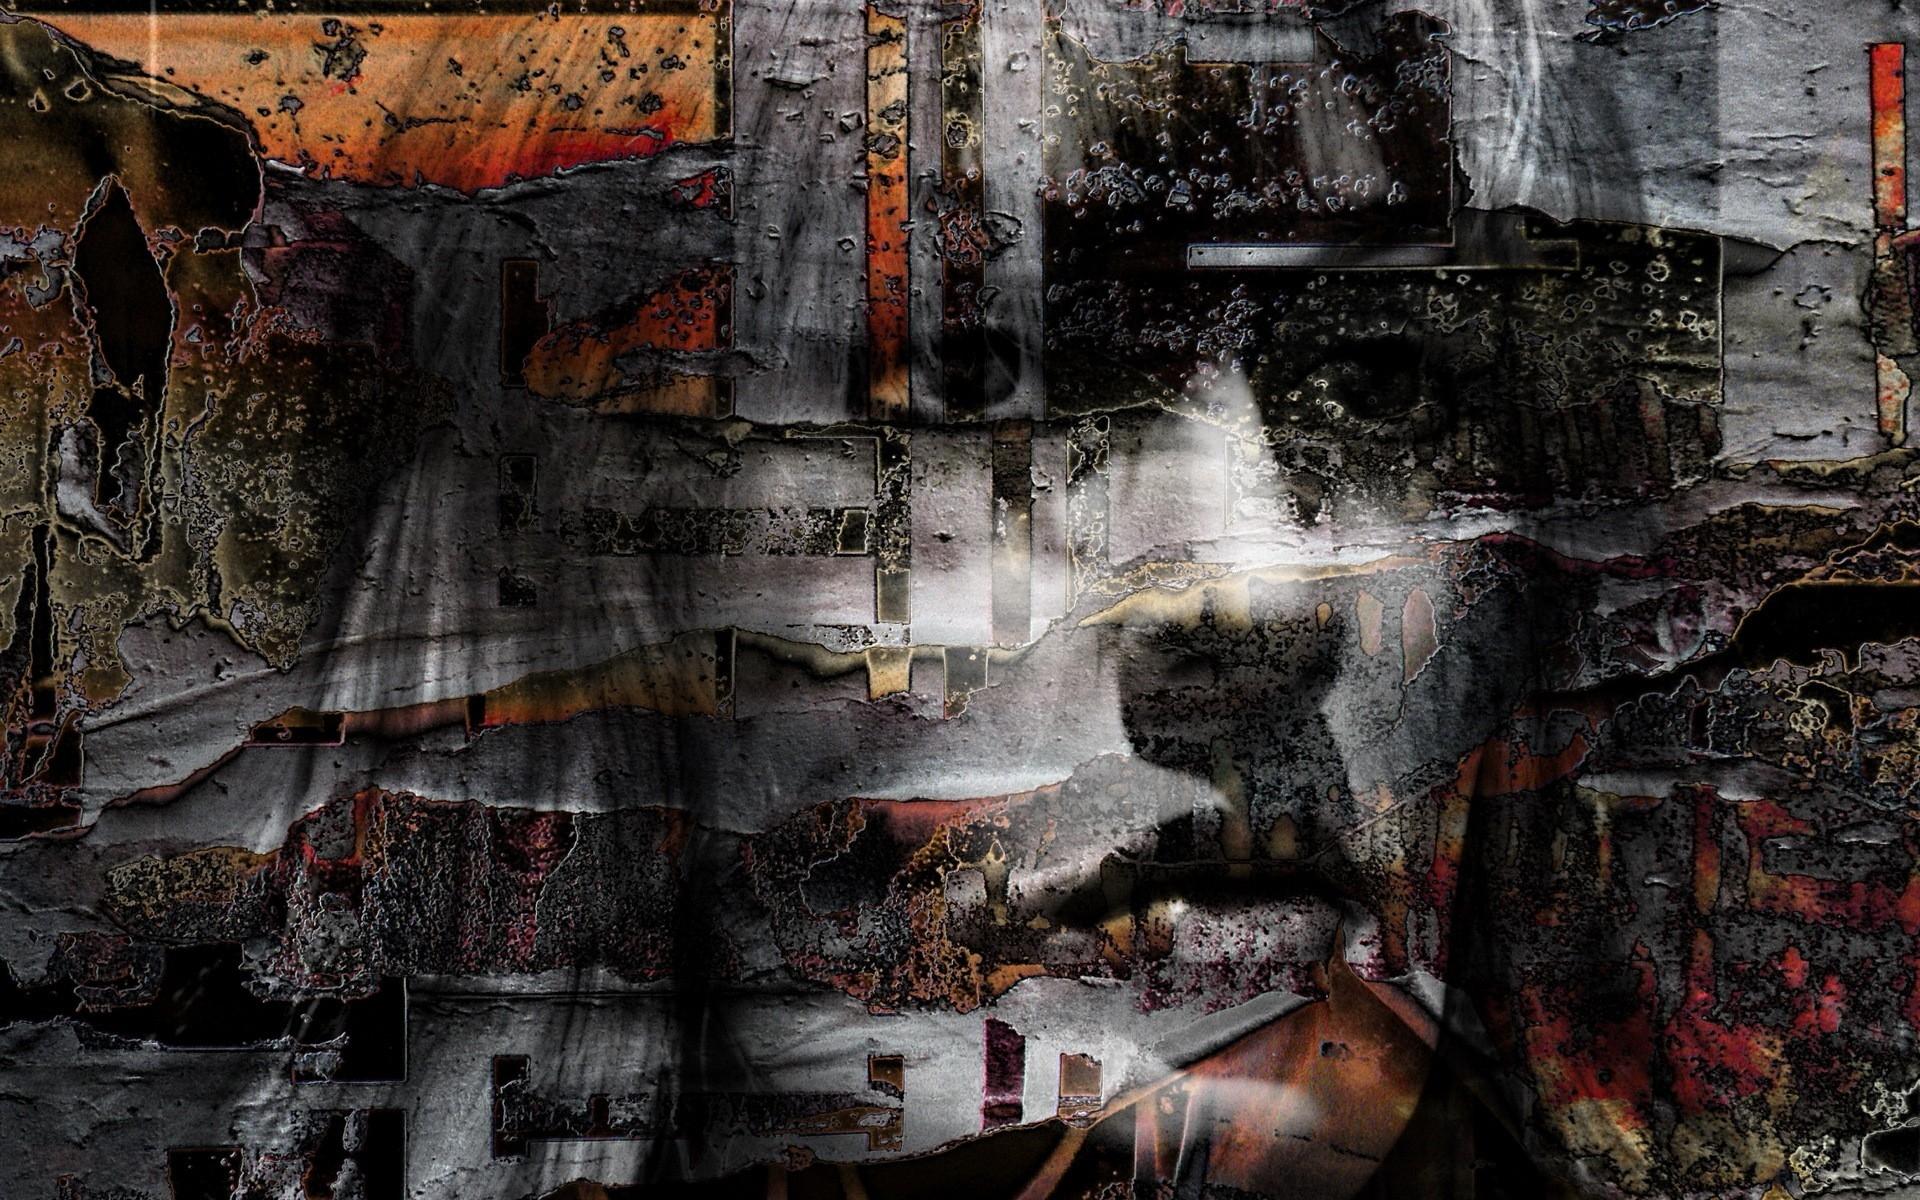 Abstract trash art pattern women hd wallpaper wallpaper   1920x1200   196204   WallpaperUP